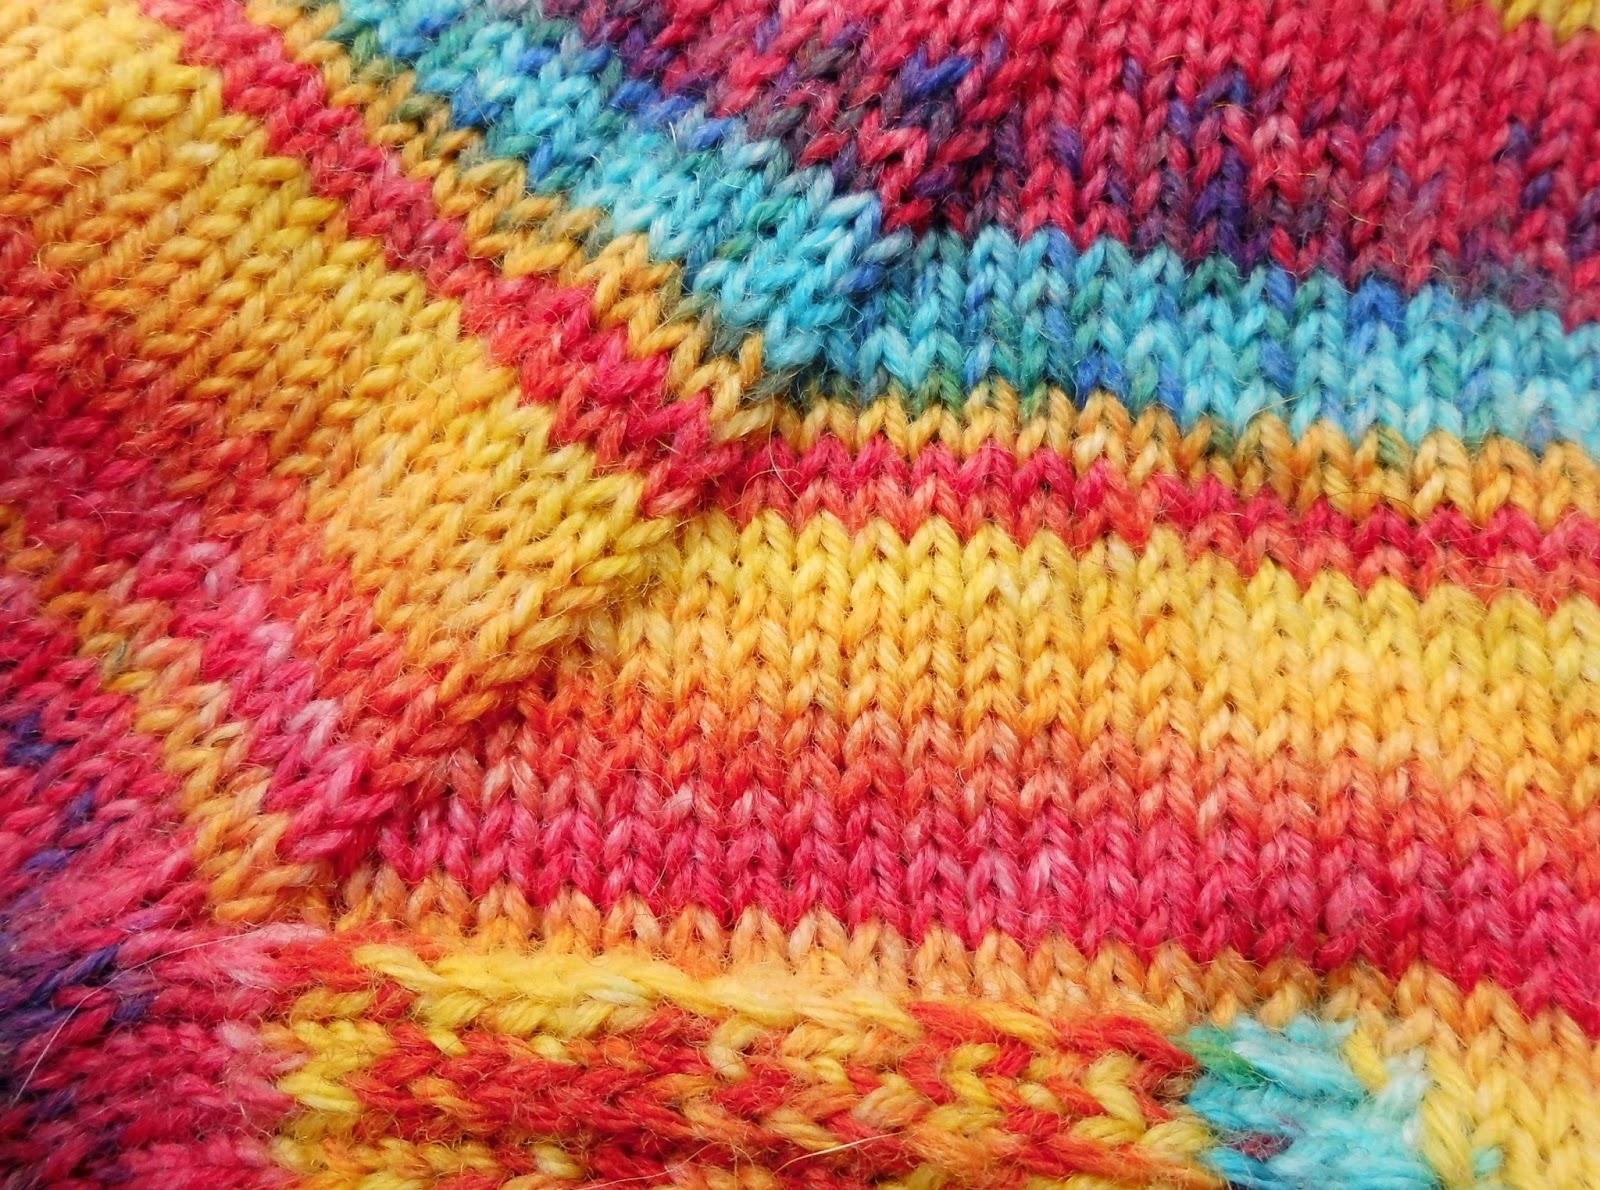 Sock knitting for beginners: gusset decrease